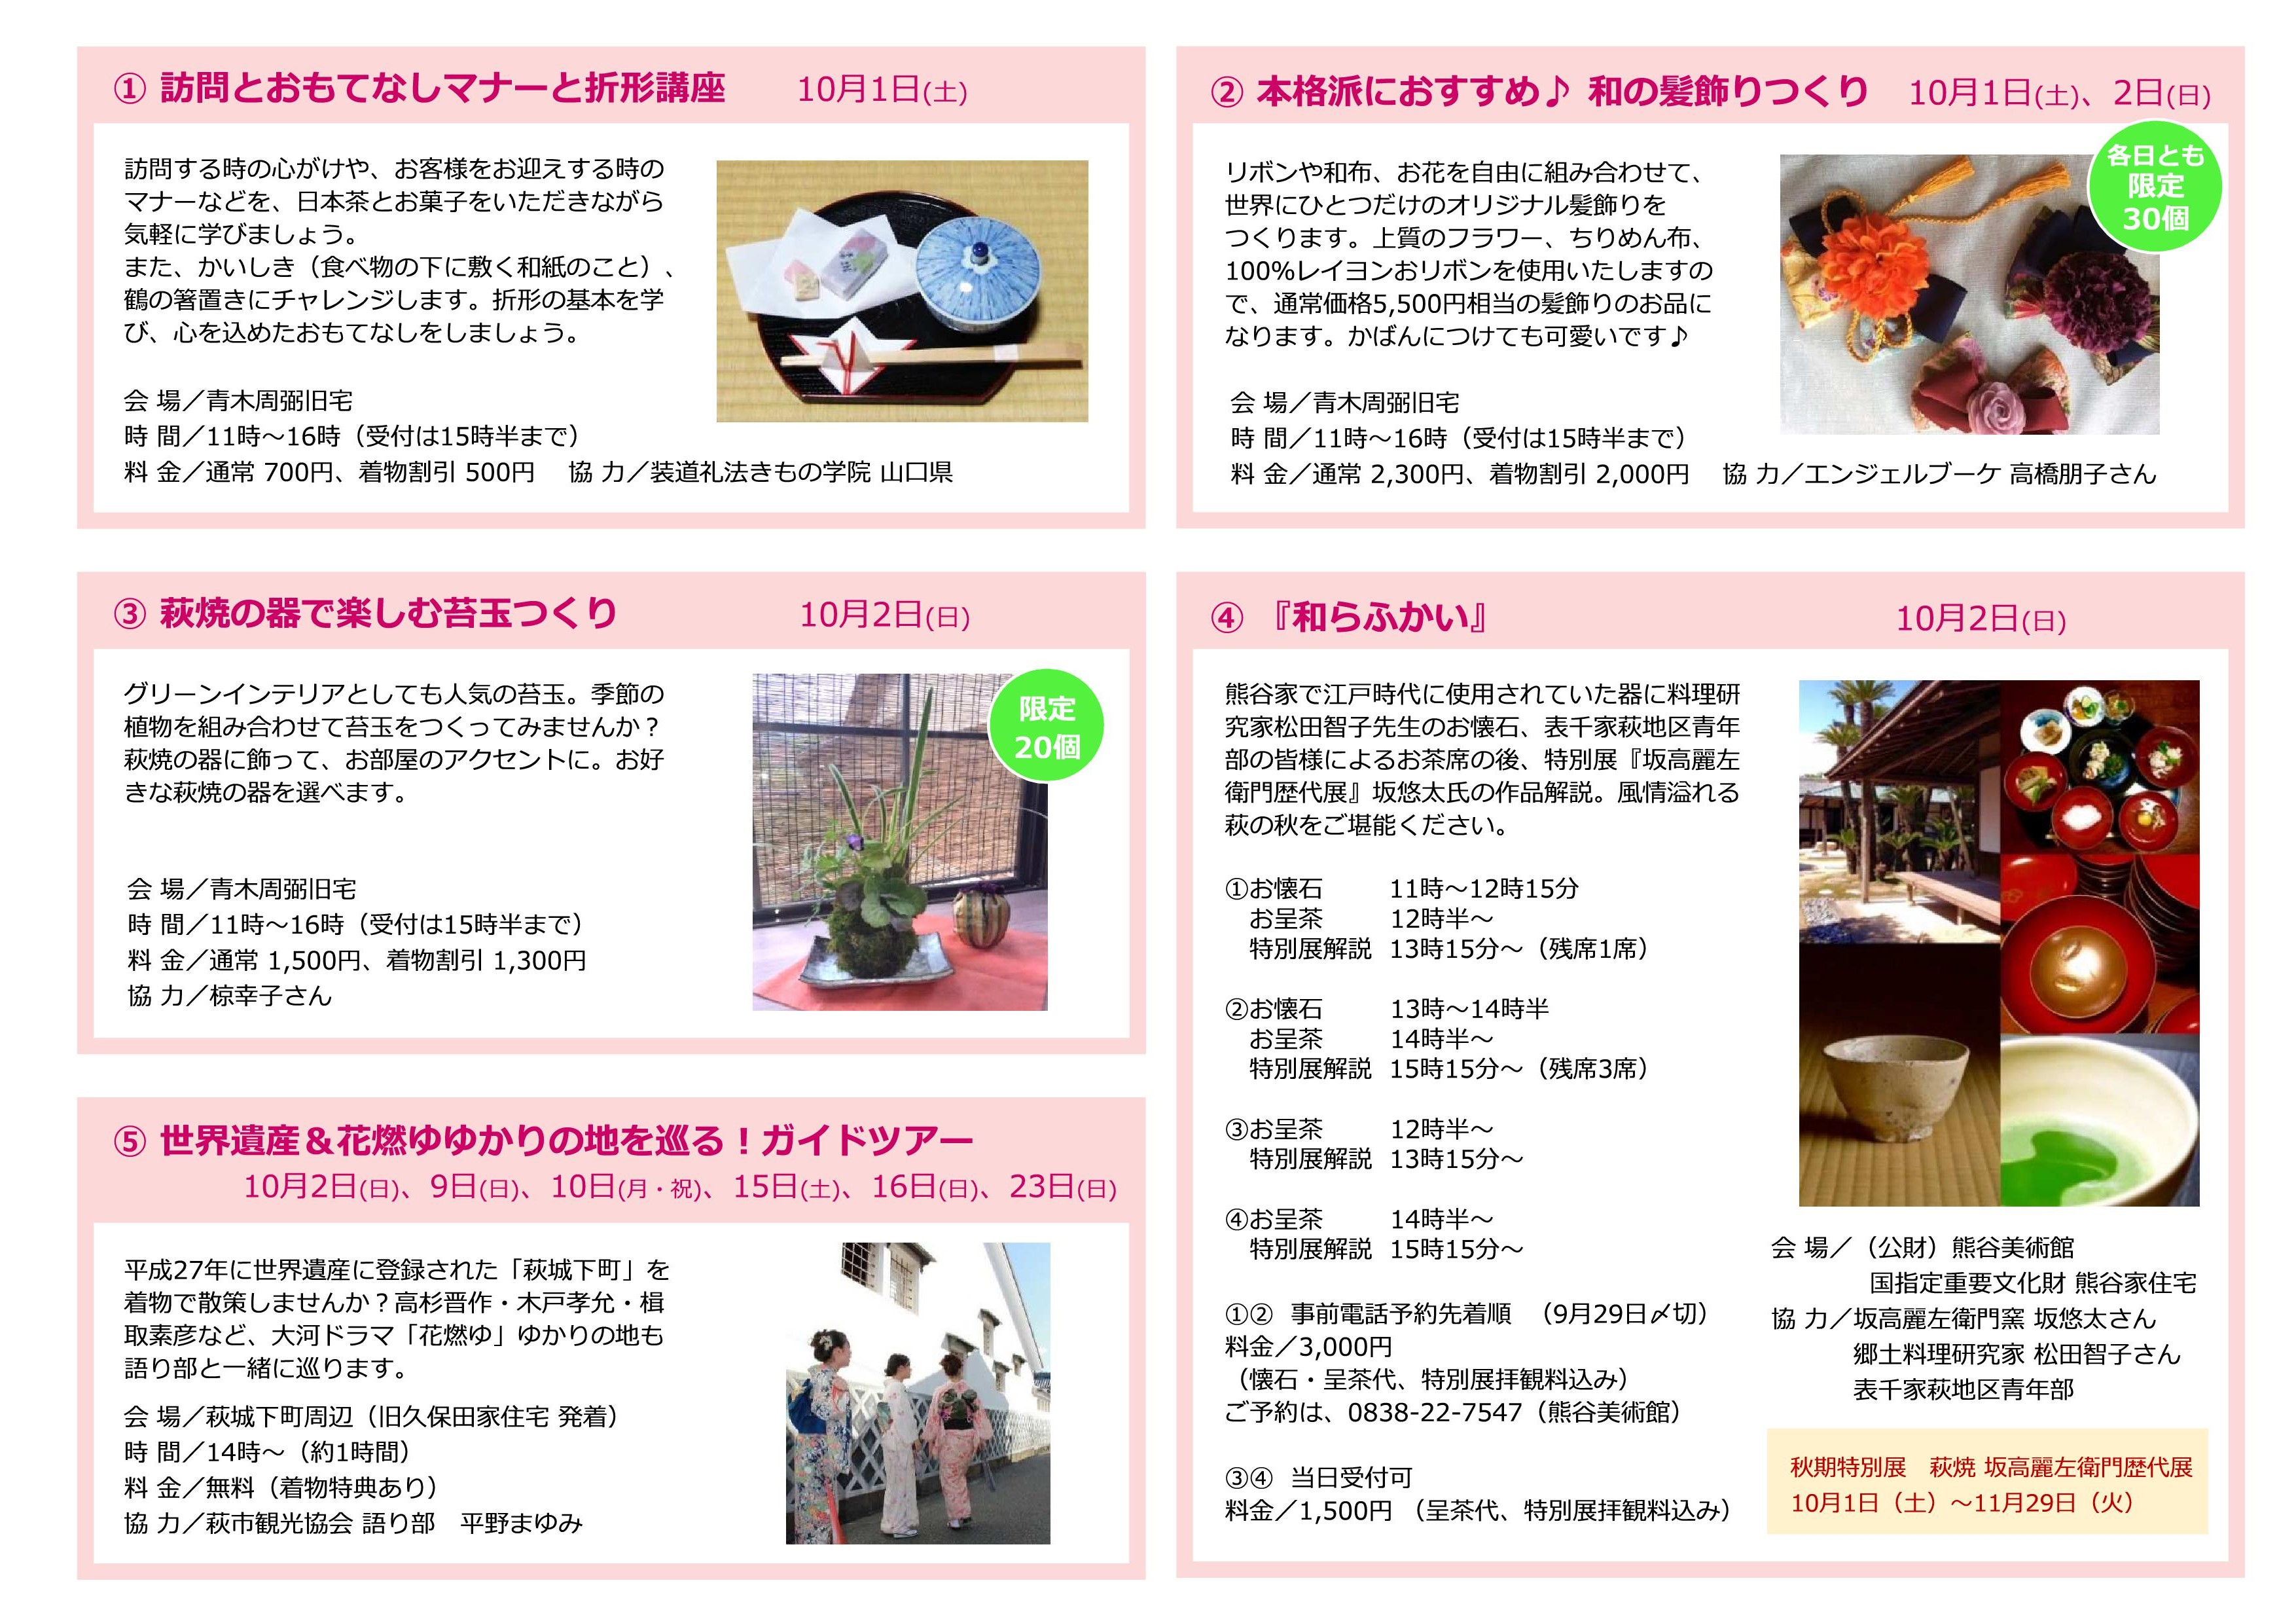 http://hagishi.com/event/kimono08/pdf/wanomanabiya.pdf